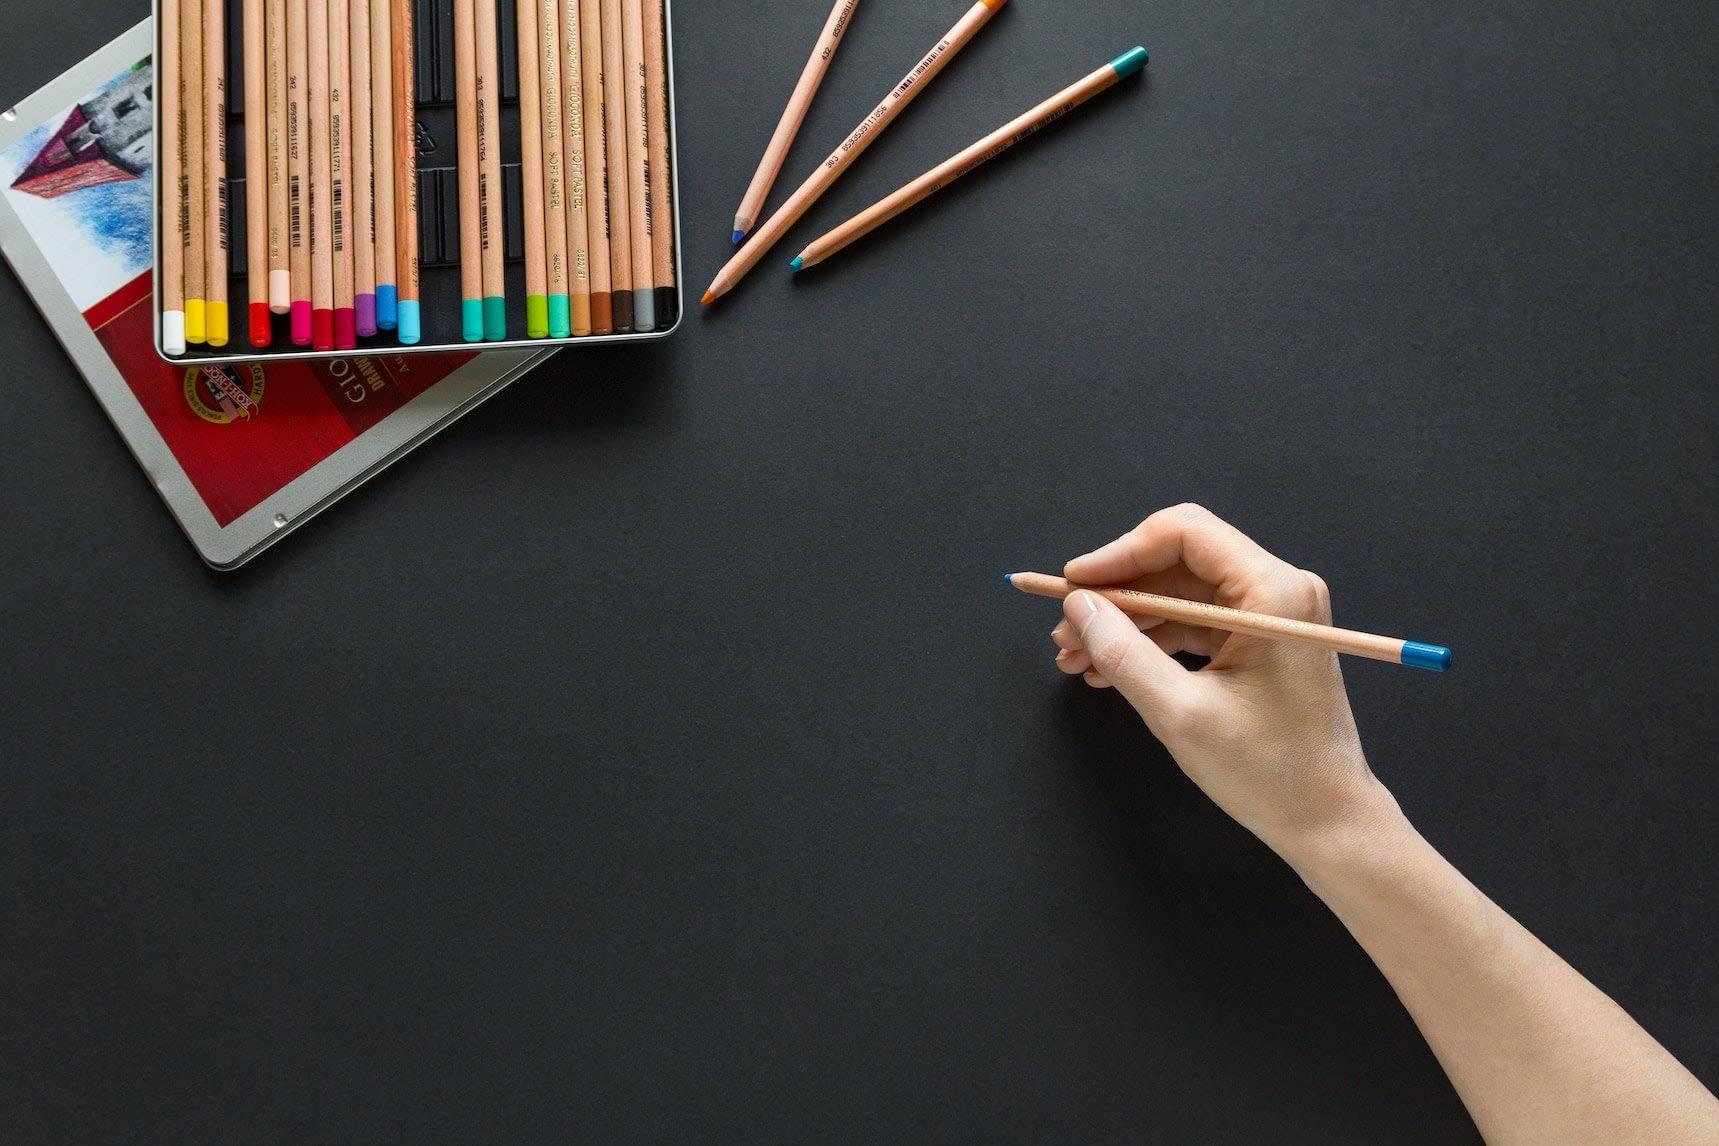 Graphic / Design internship